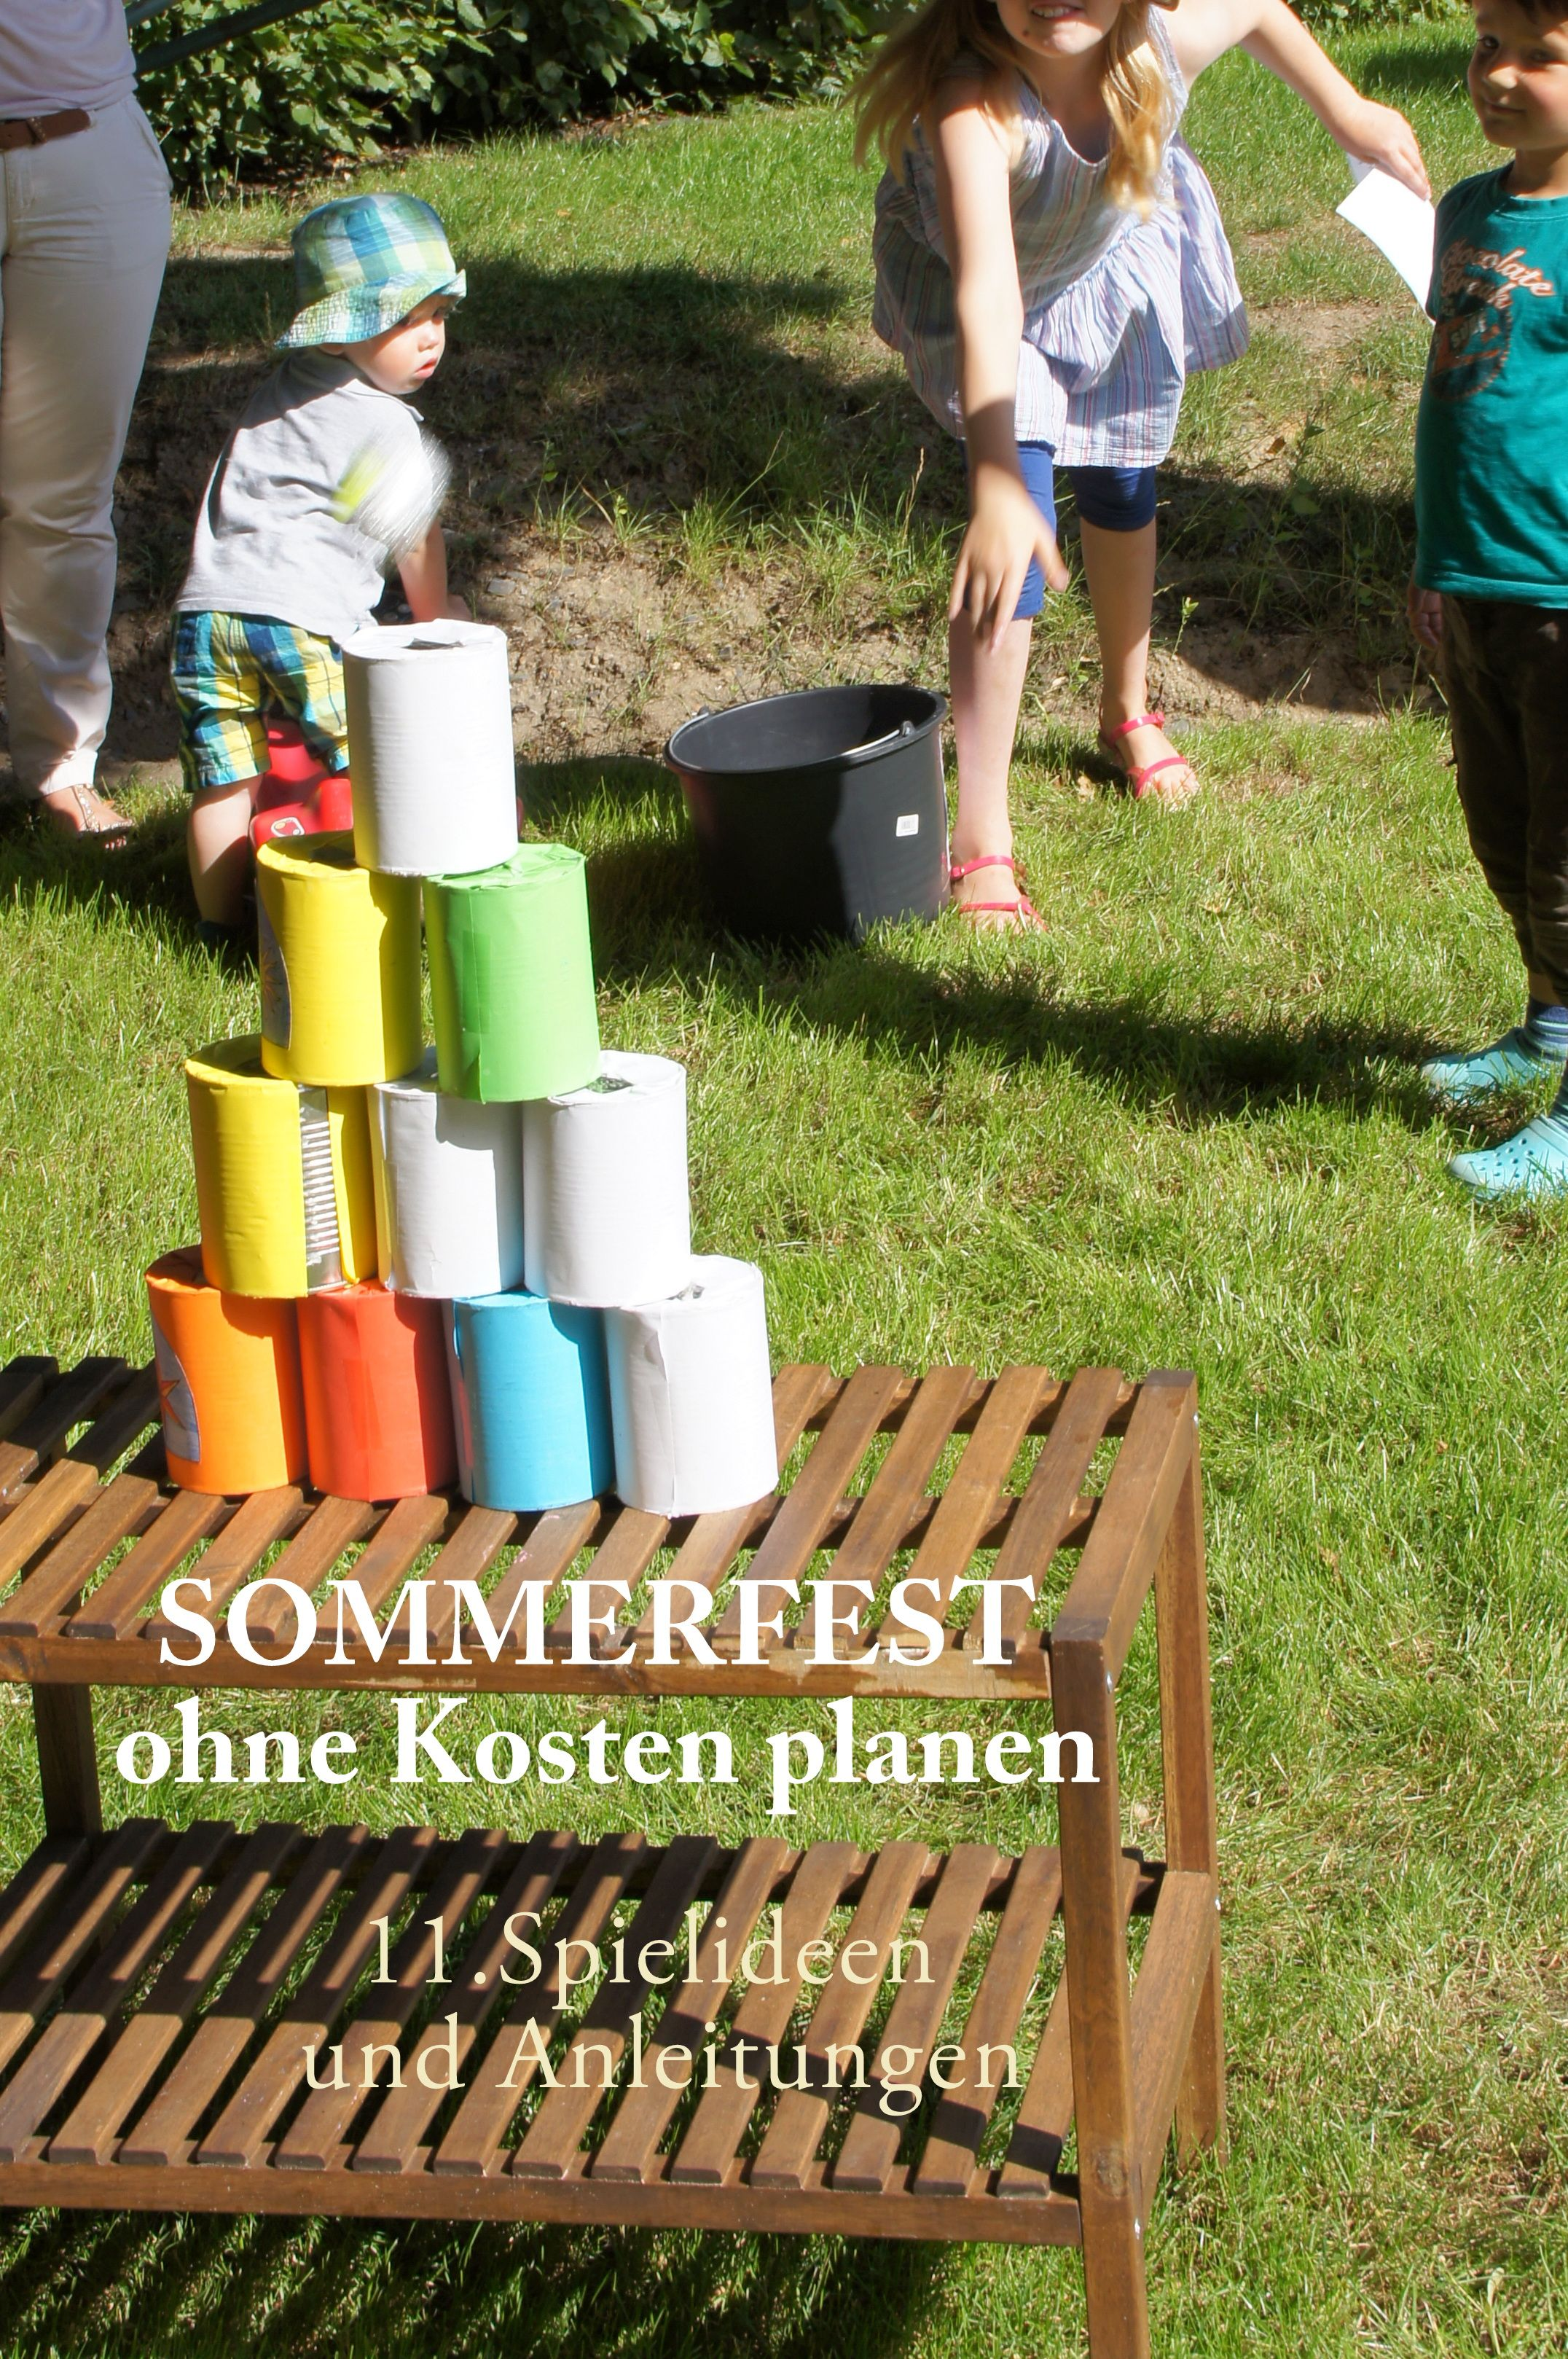 Sommerfest in der nachbarschaft spiele planung ideen - Schulfest ideen ...